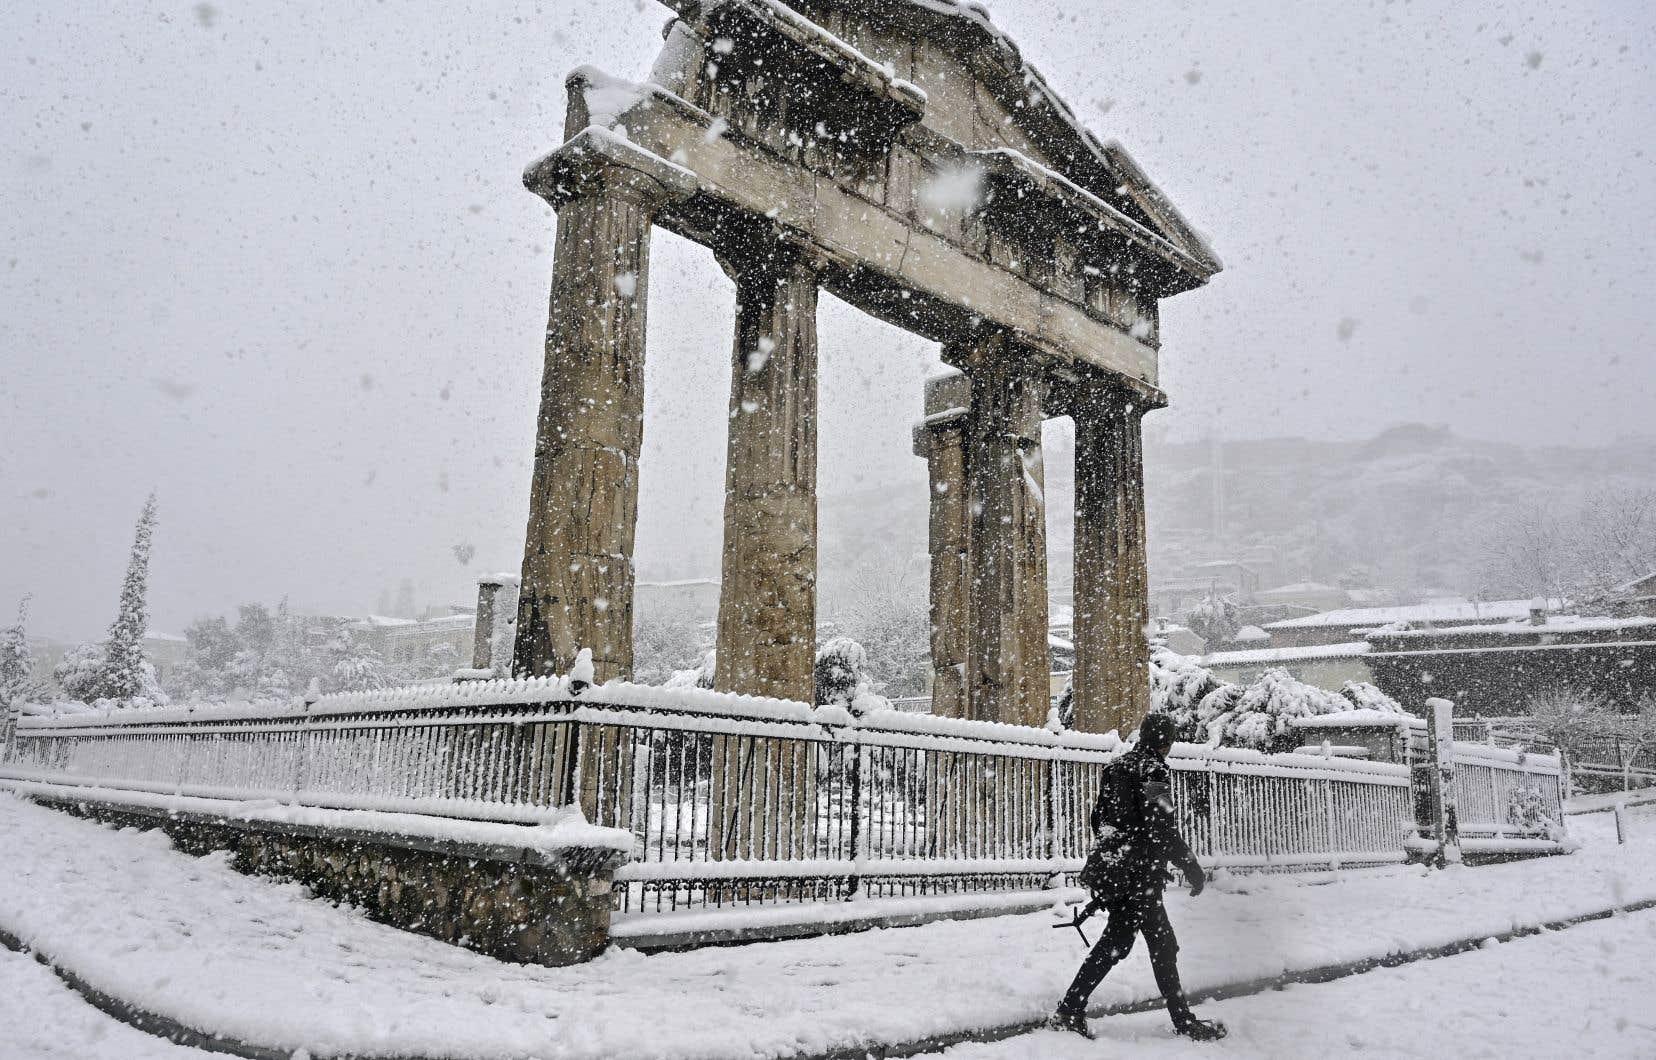 Un homme passe devant l'Agora lors de fortes chutes de neige sur Athènes, le 16 février 2021.